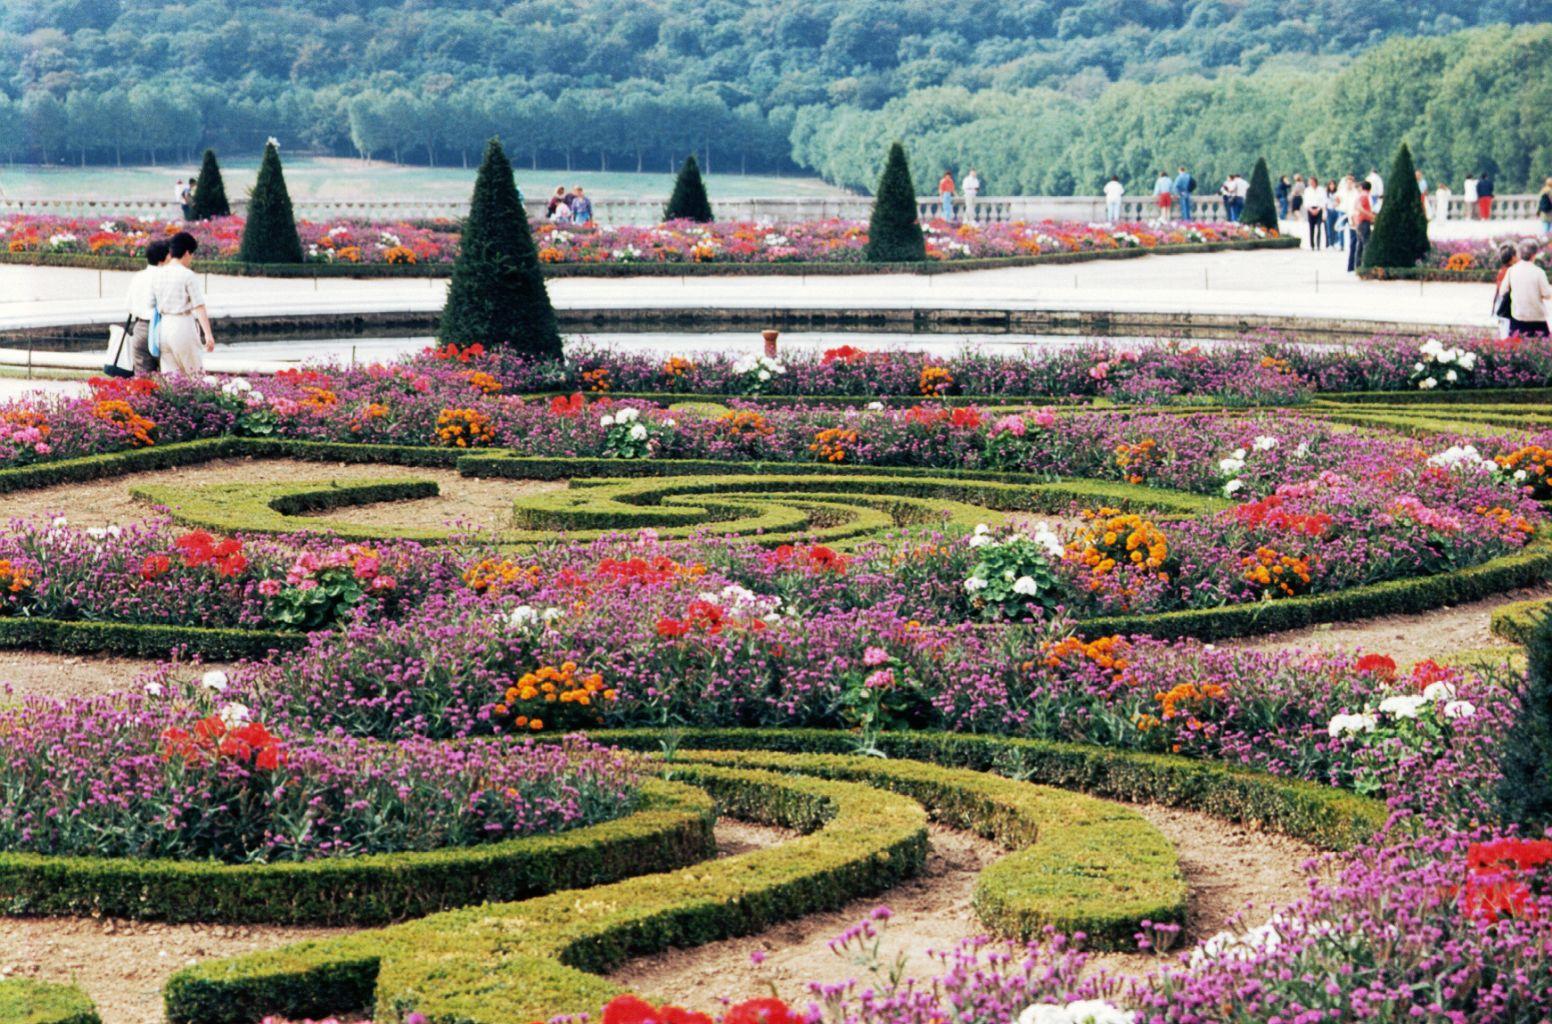 http://3.bp.blogspot.com/_BfNj27y_IiA/S6pv1OT2ABI/AAAAAAAAFpM/3MyFgTr3tSM/s1600/versailles_garden-wallpaper.jpg